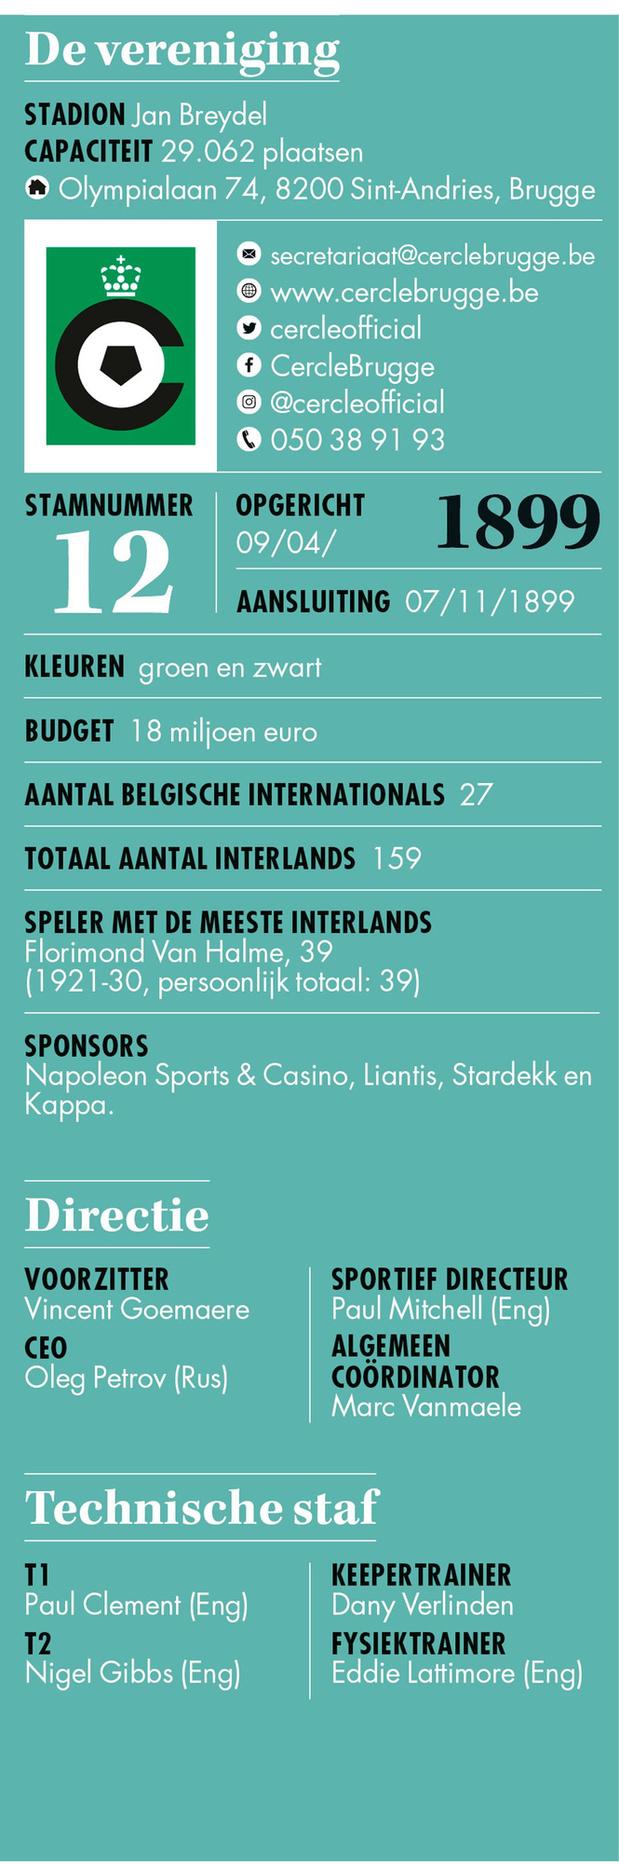 Cercle Brugge - Info